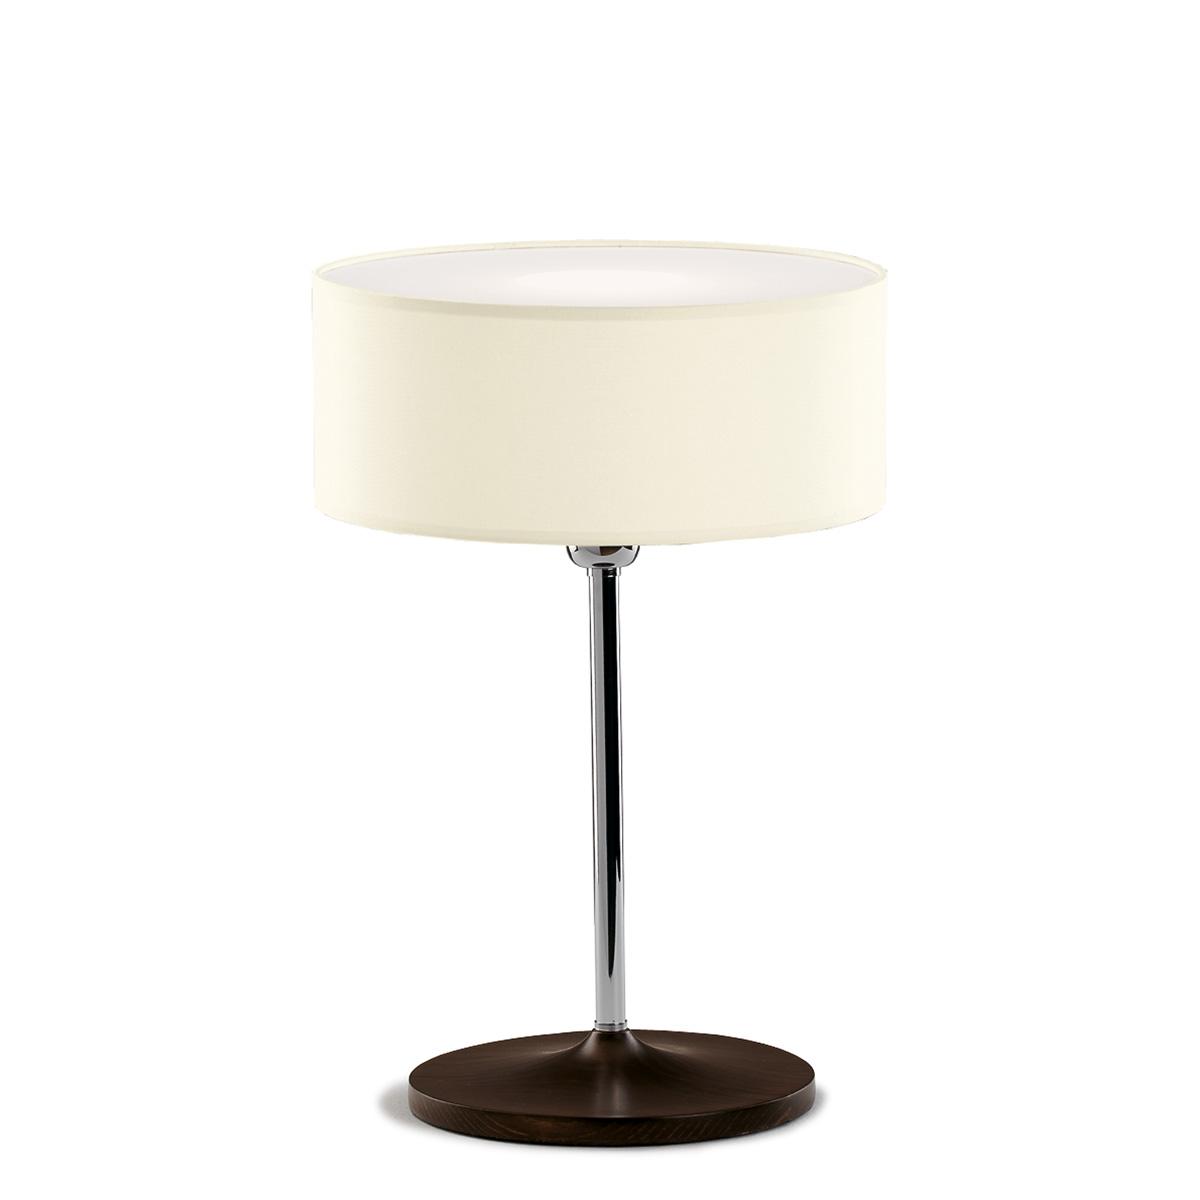 Επιτραπέζια λάμπα με μπεζ καπέλο DISCO ZEN beige shade table lamp